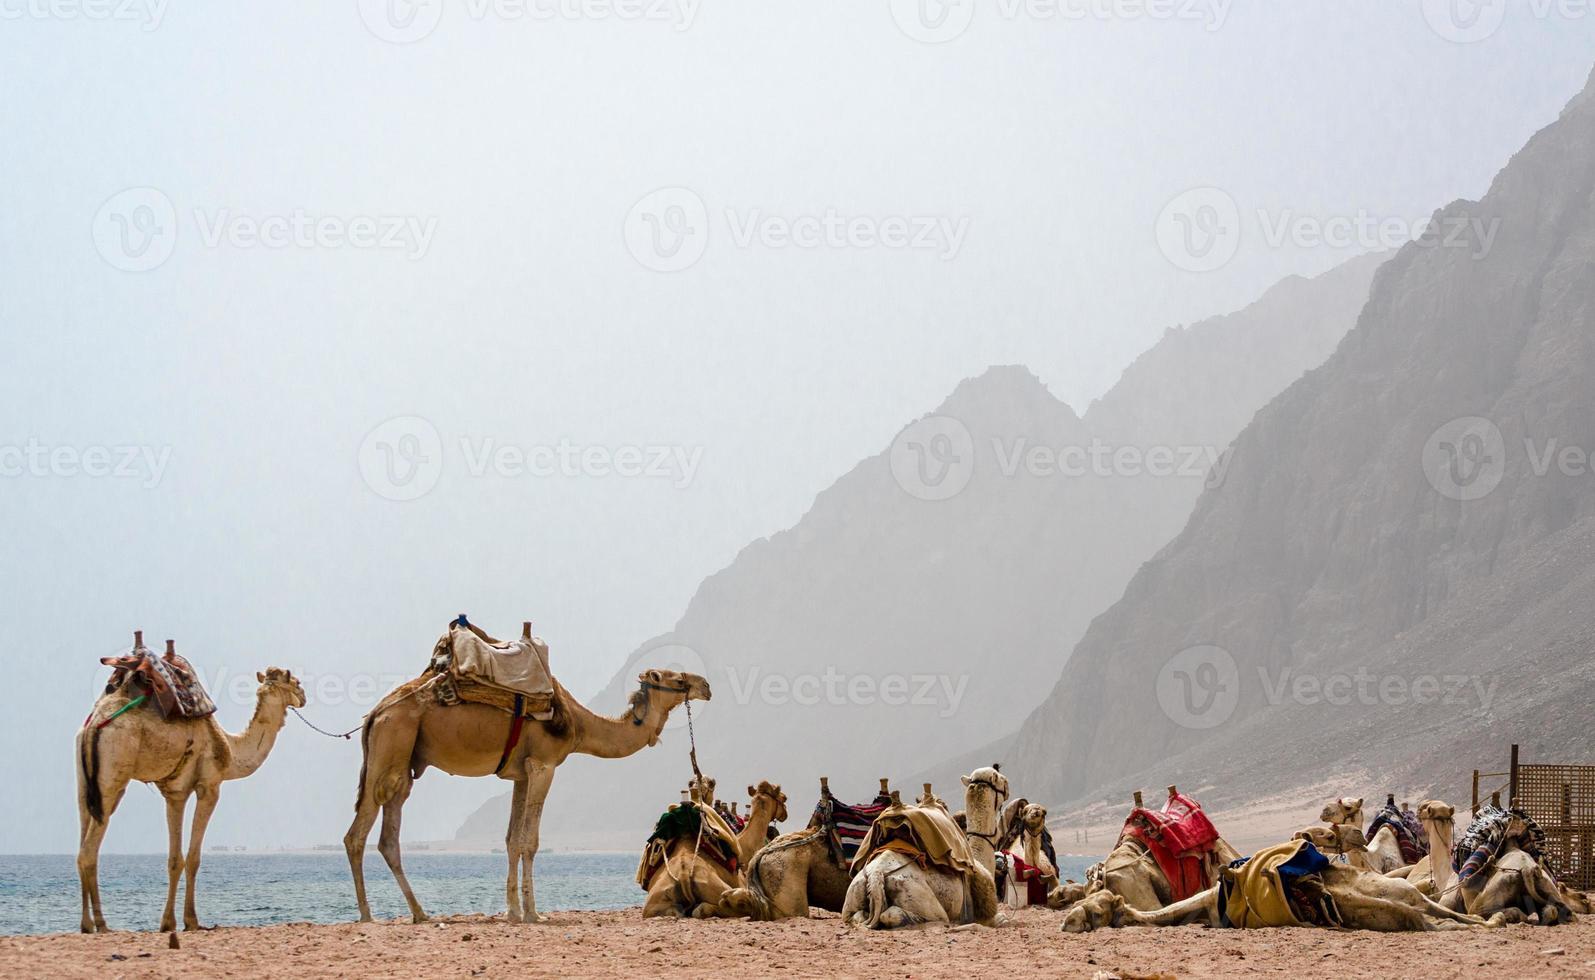 camelos em uma praia de nevoeiro foto